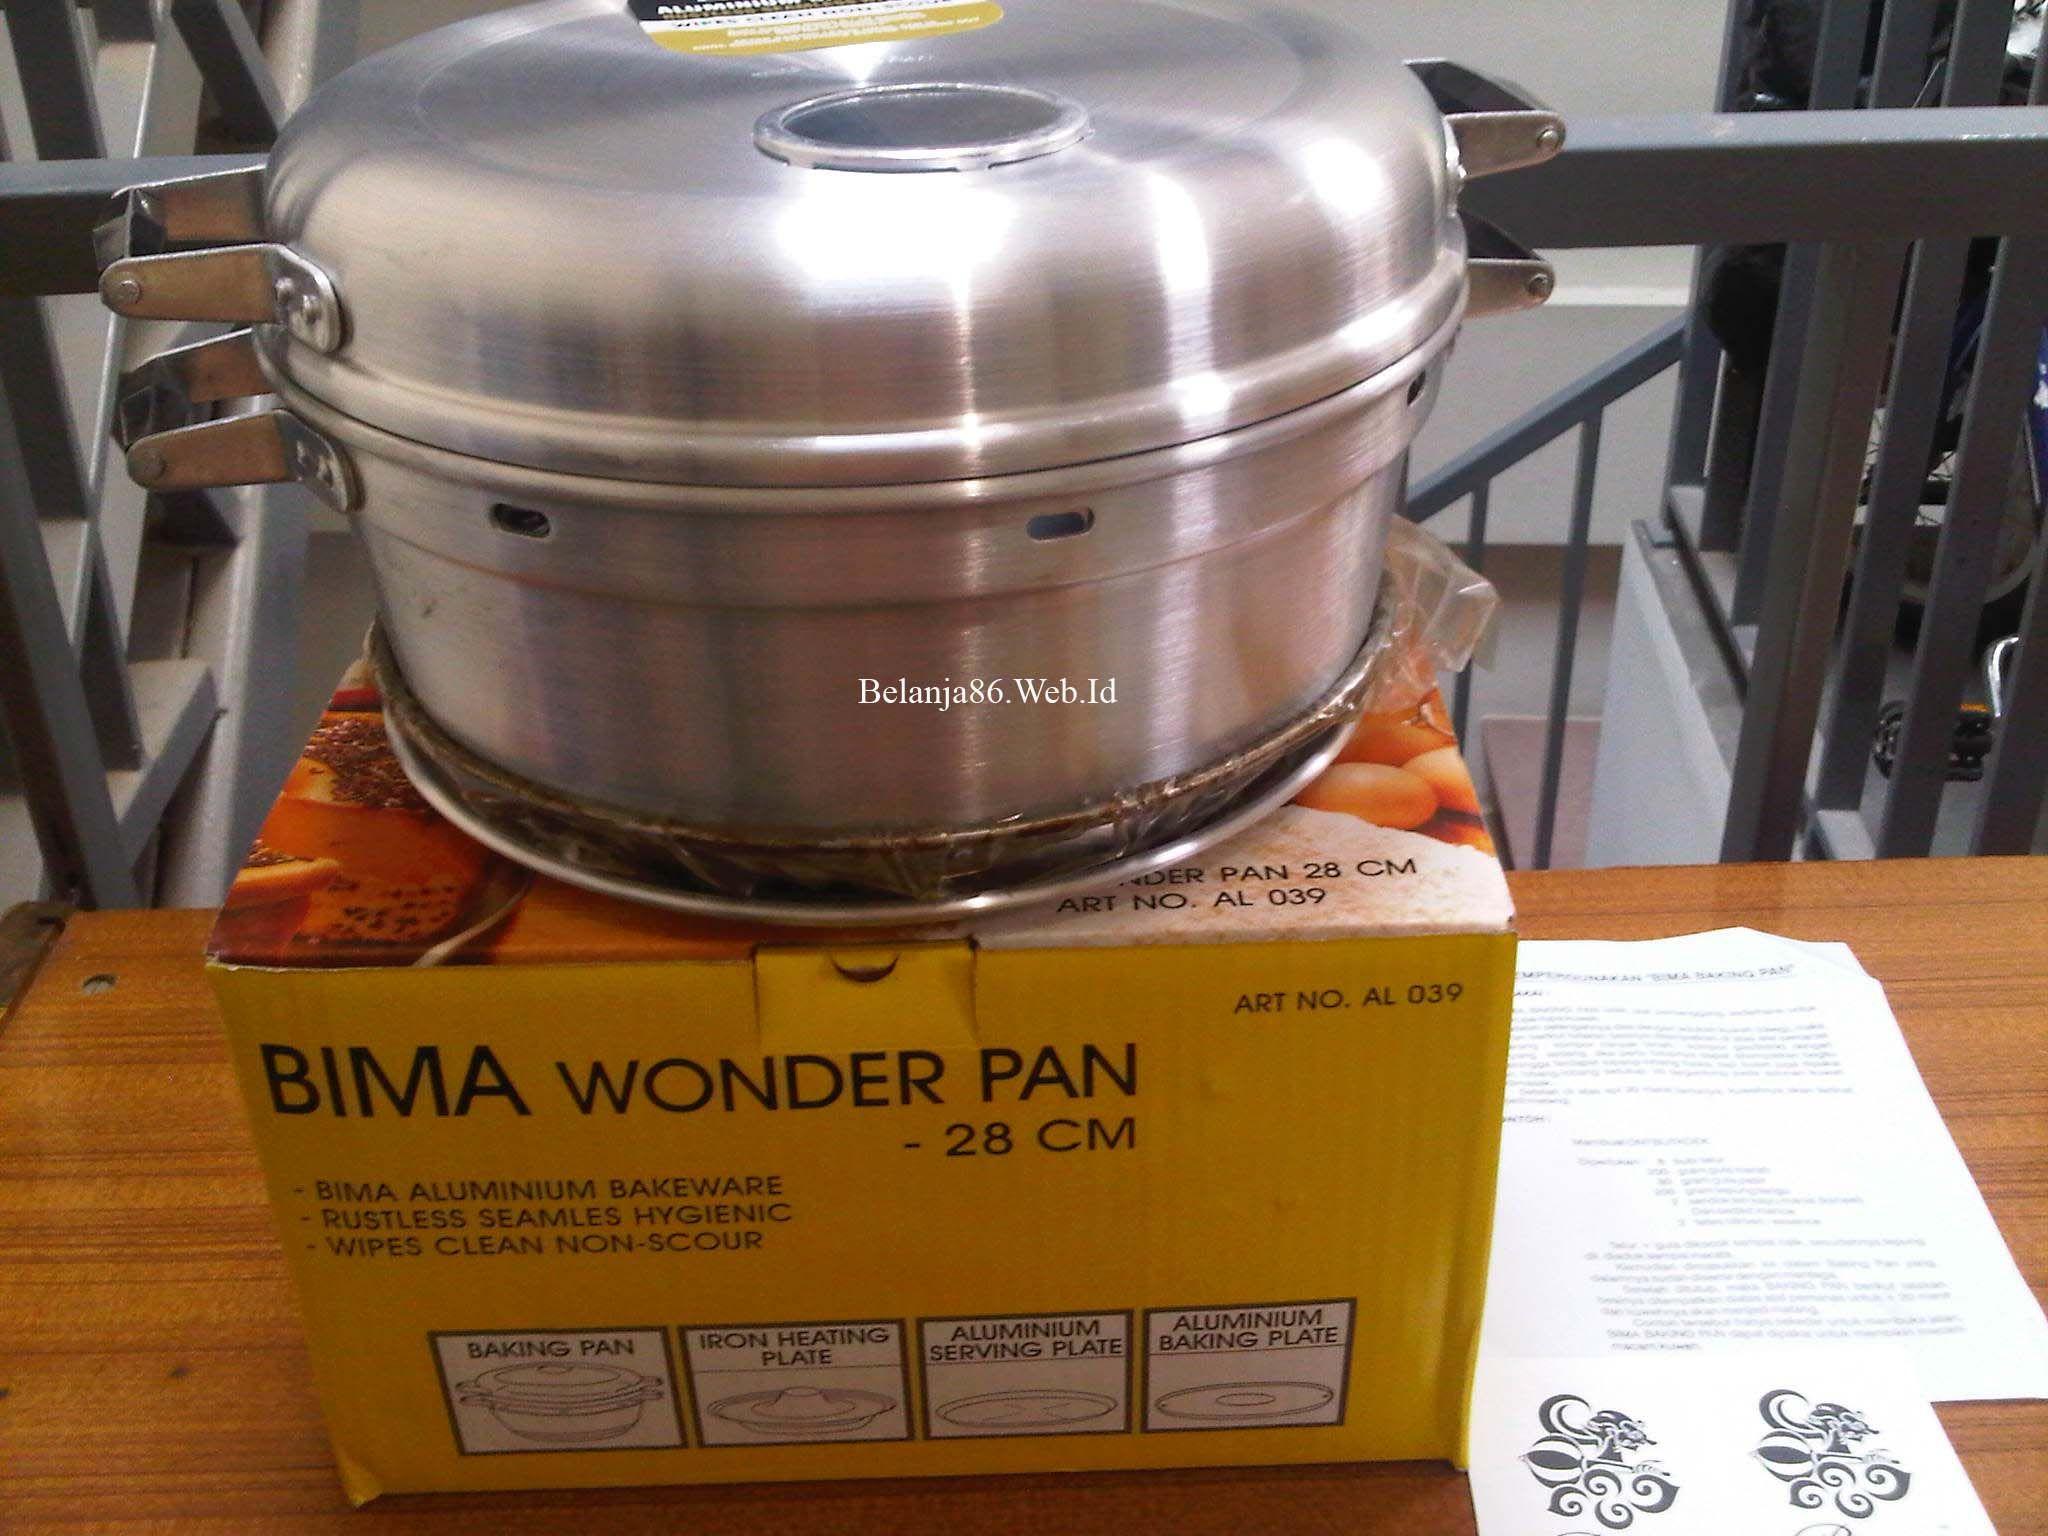 Microwave Baking Pan Bestmicrowave